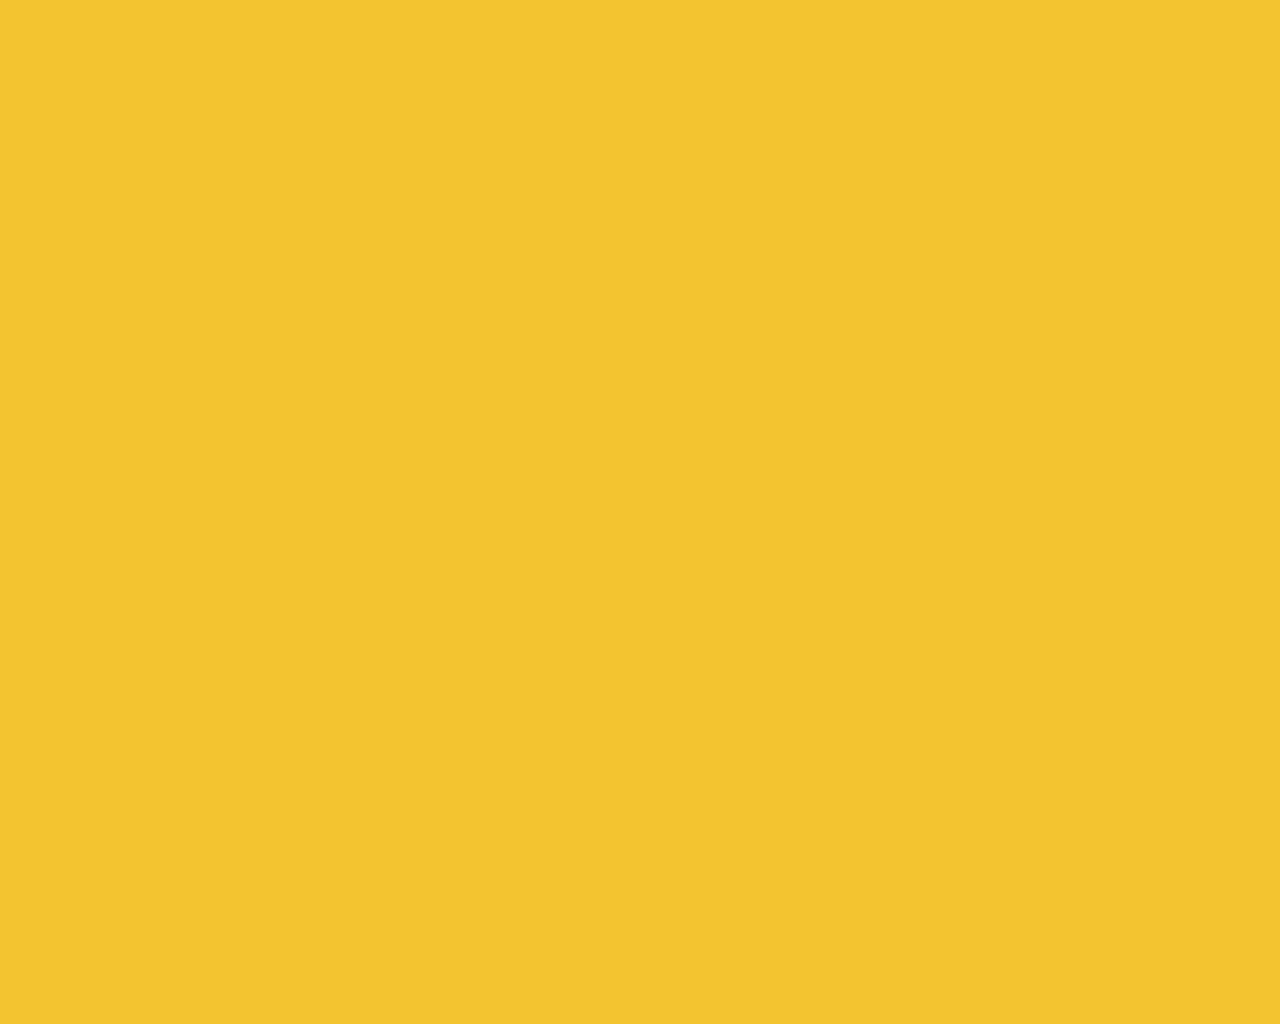 1280x1024 Saffron Solid Color Background